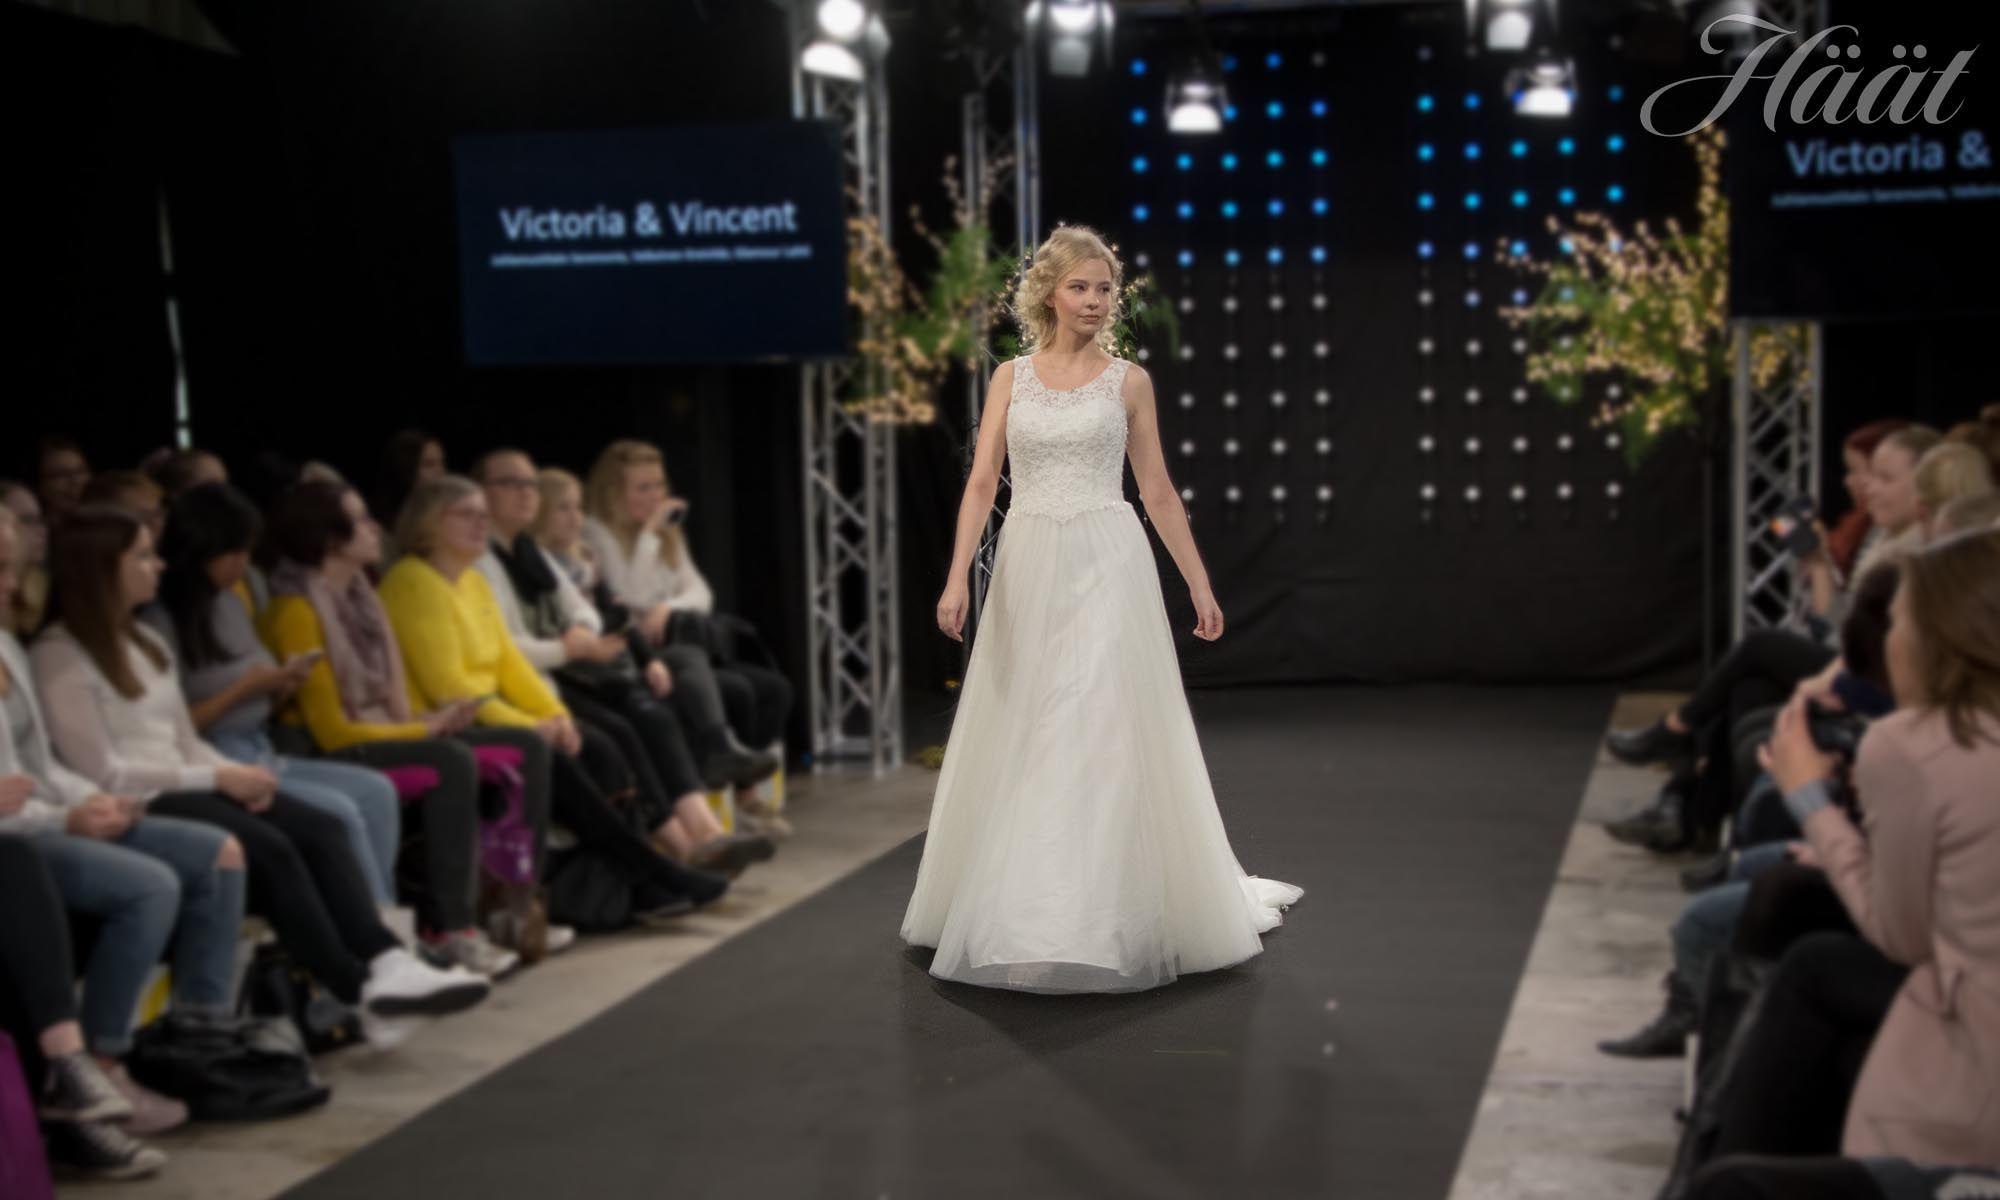 Victoria & Vincent hääpuku 2018